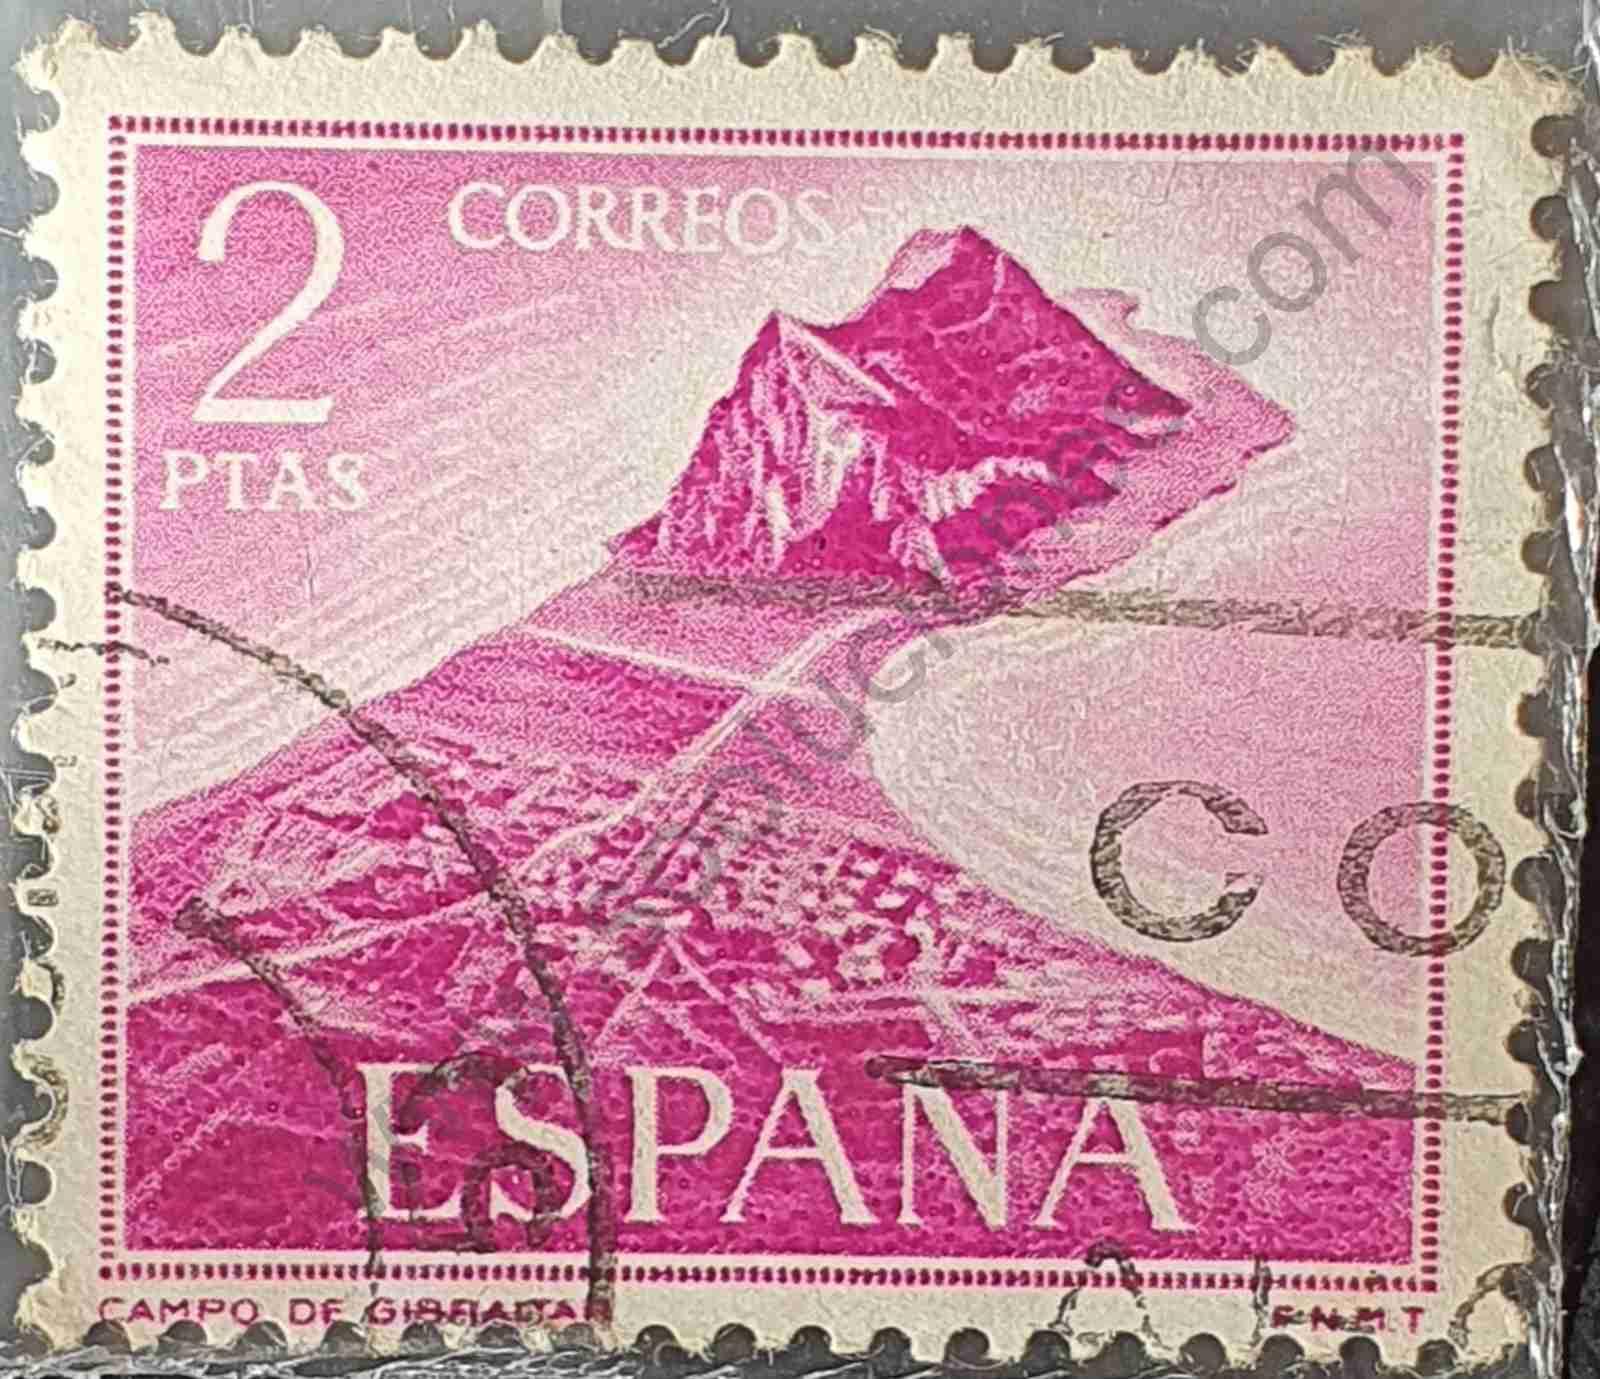 Campo de Gibraltar - Sello de España año 1969